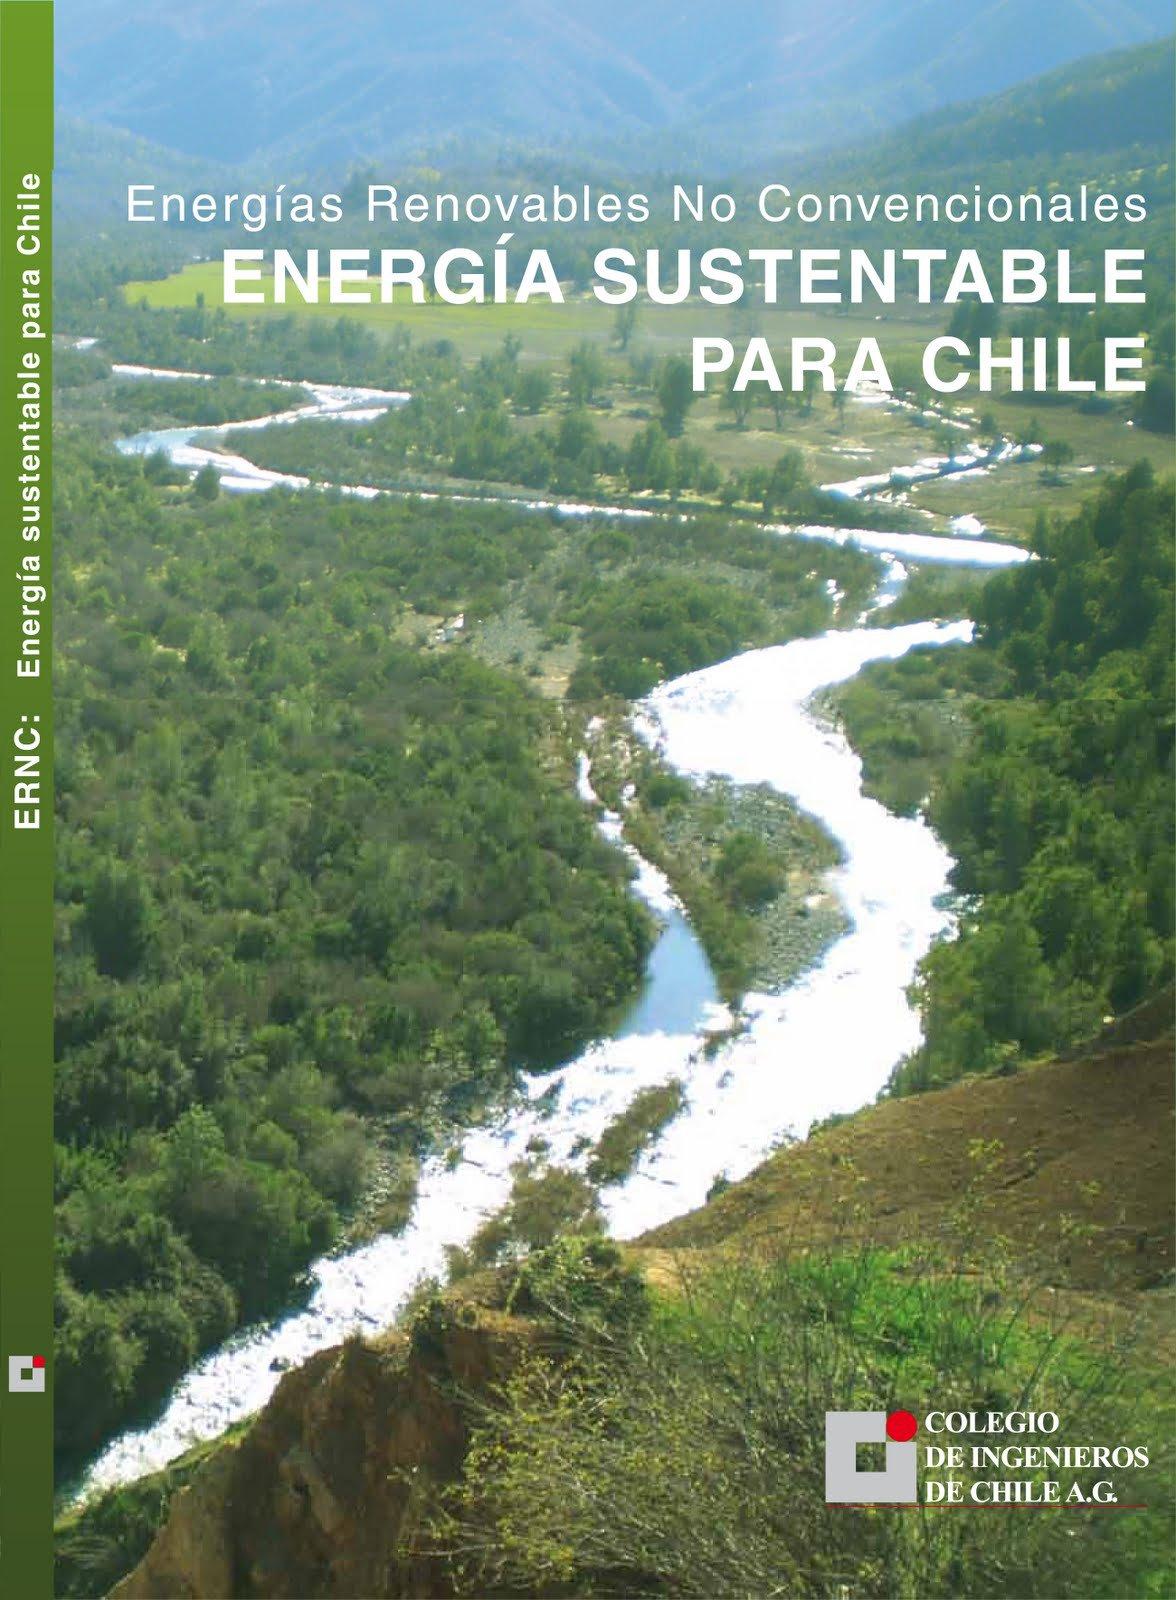 Energias Renovables Chile Chile y Energías Renovables 1